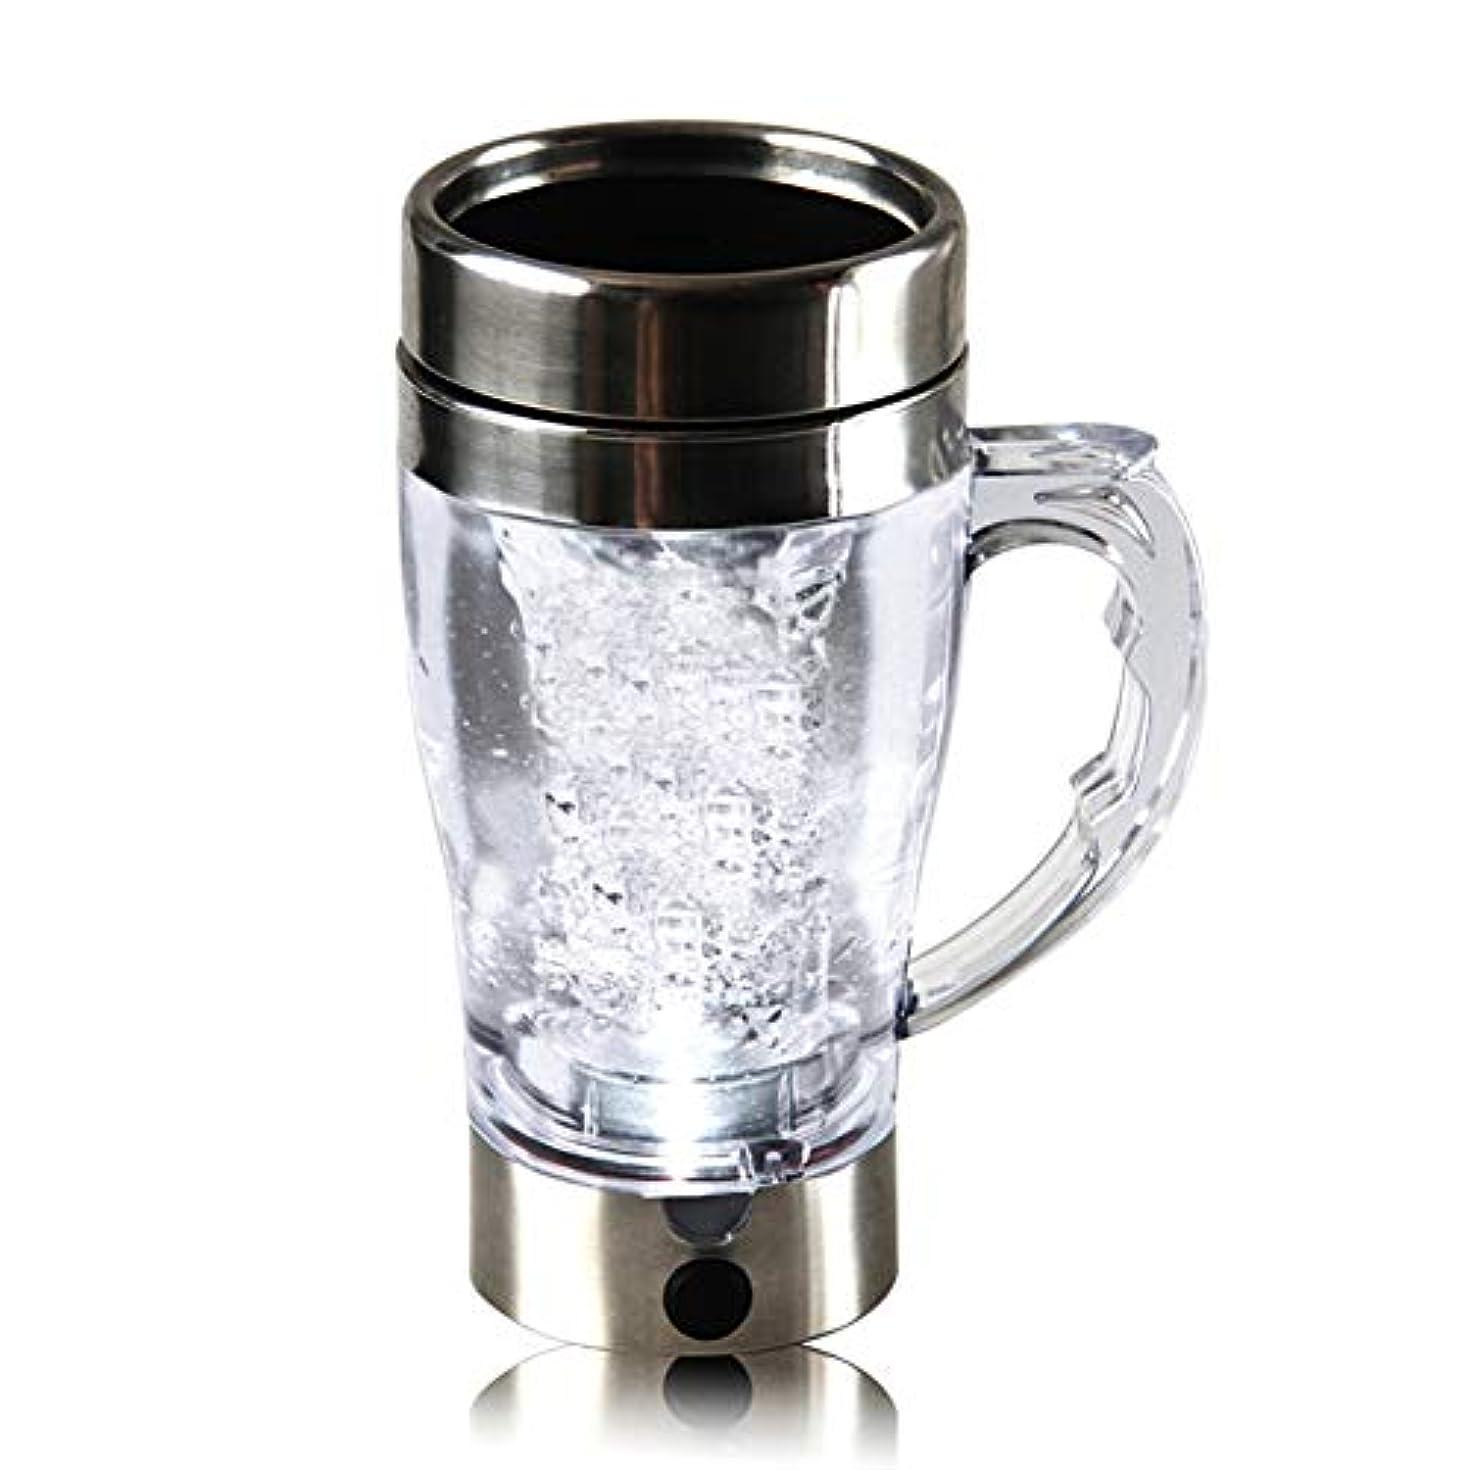 ツーリスト不器用故障中Woita 電動プロテインシェーカー充電可能な統合プロテイン貯蔵容器自動混合コーヒーカップ